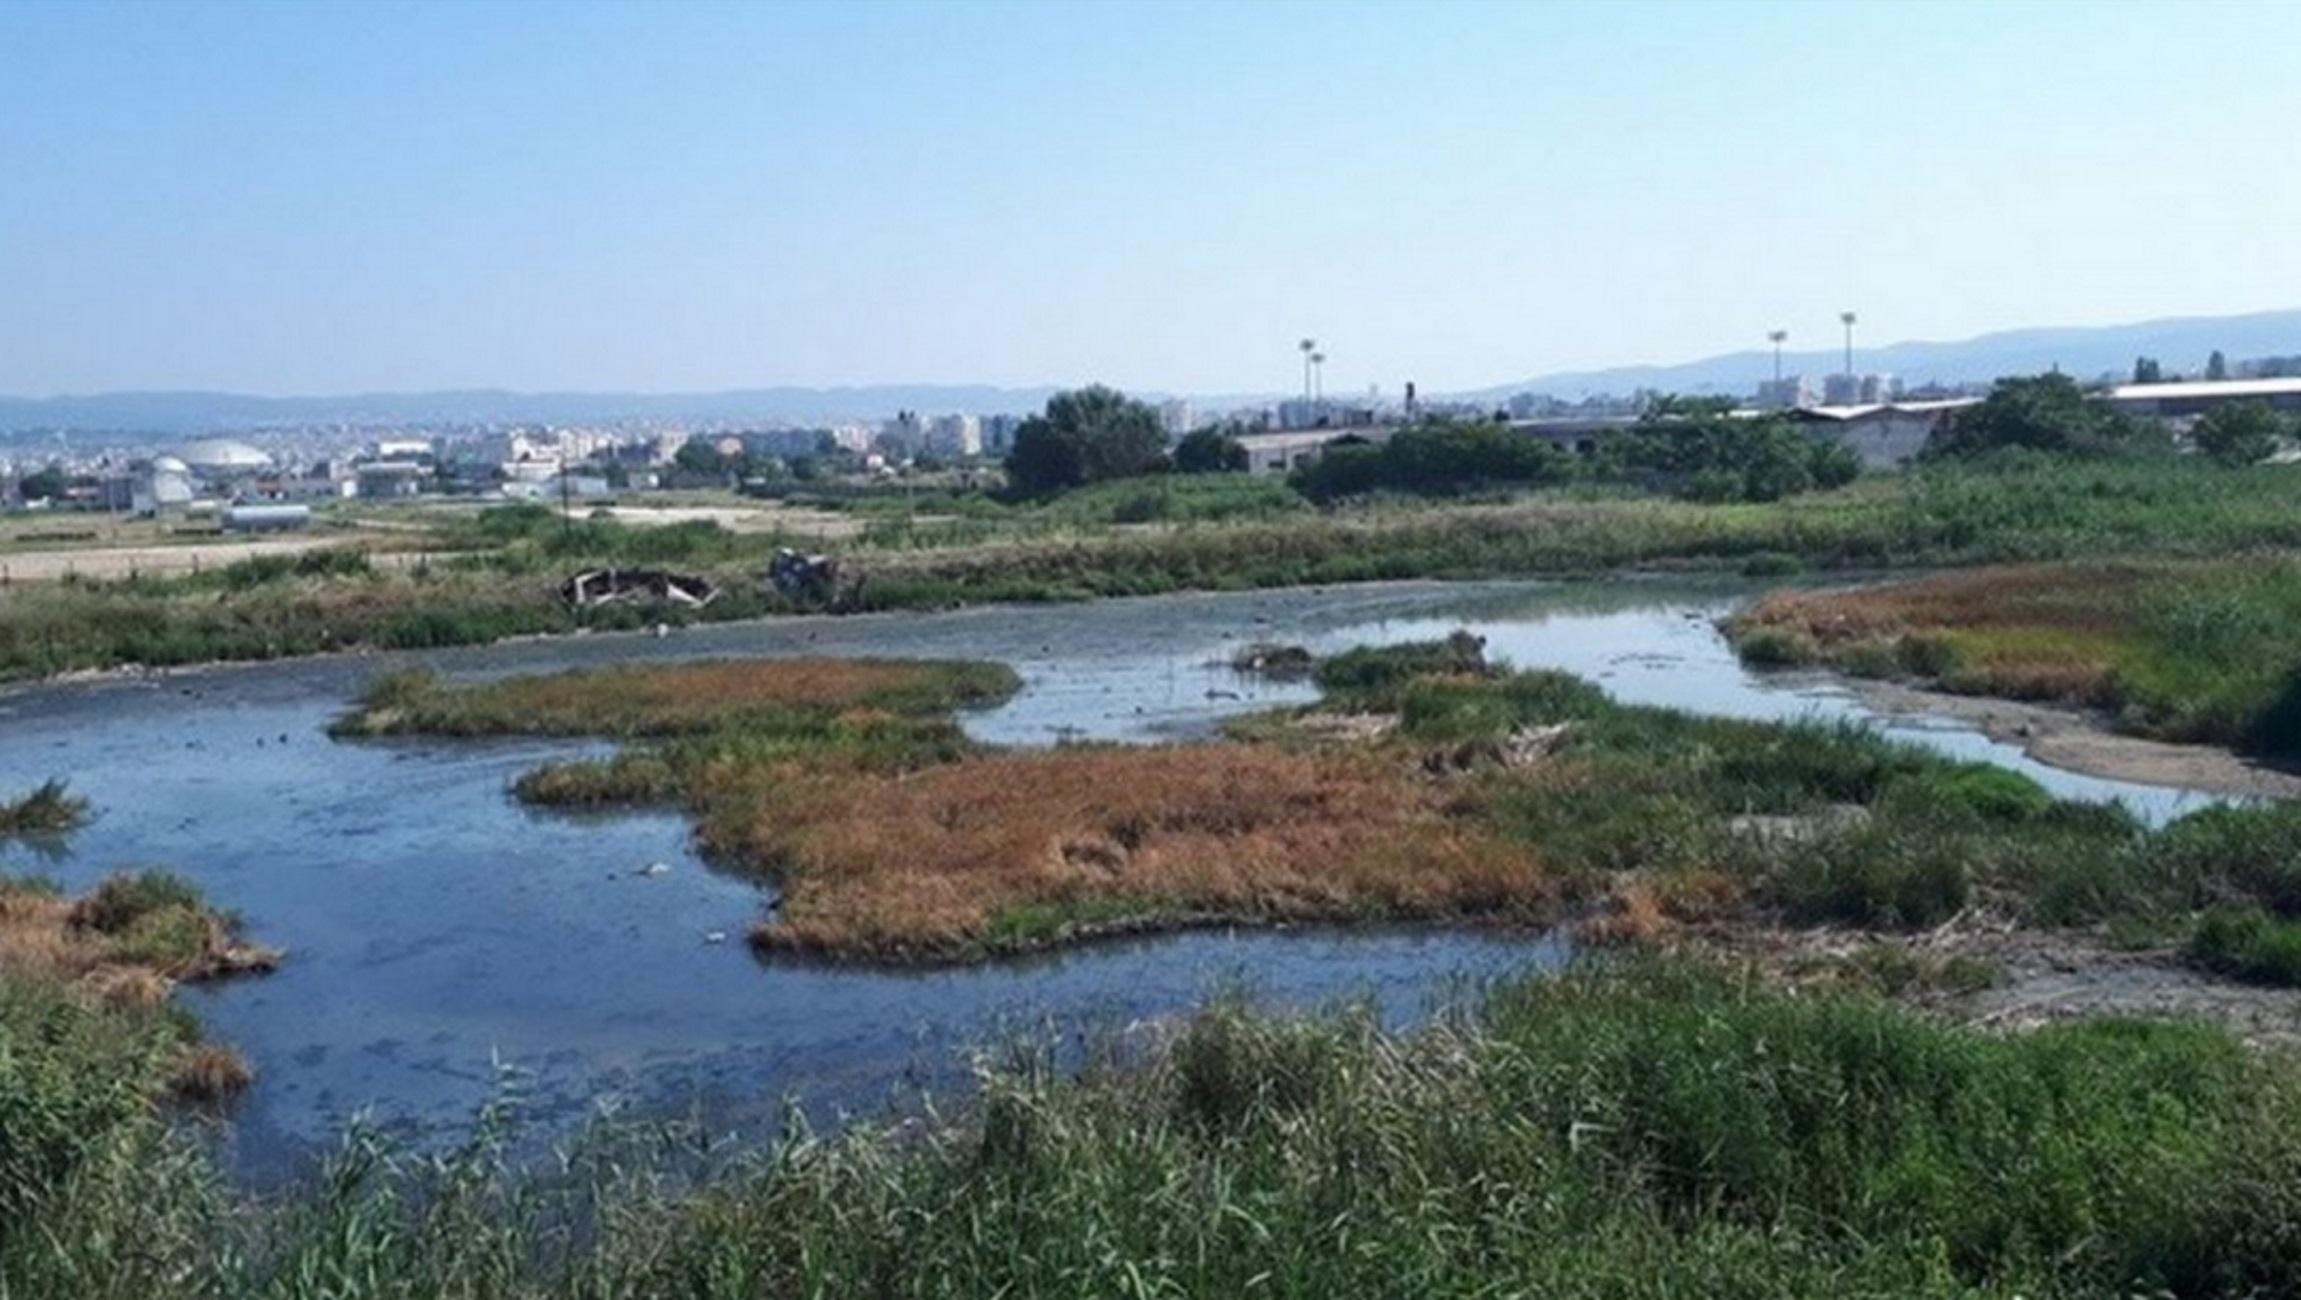 Θεσσαλονίκη: Η πηγή μικροβίων που προκαλεί αντιδράσεις – Ένας βούρκος γεμάτος σκουπίδια